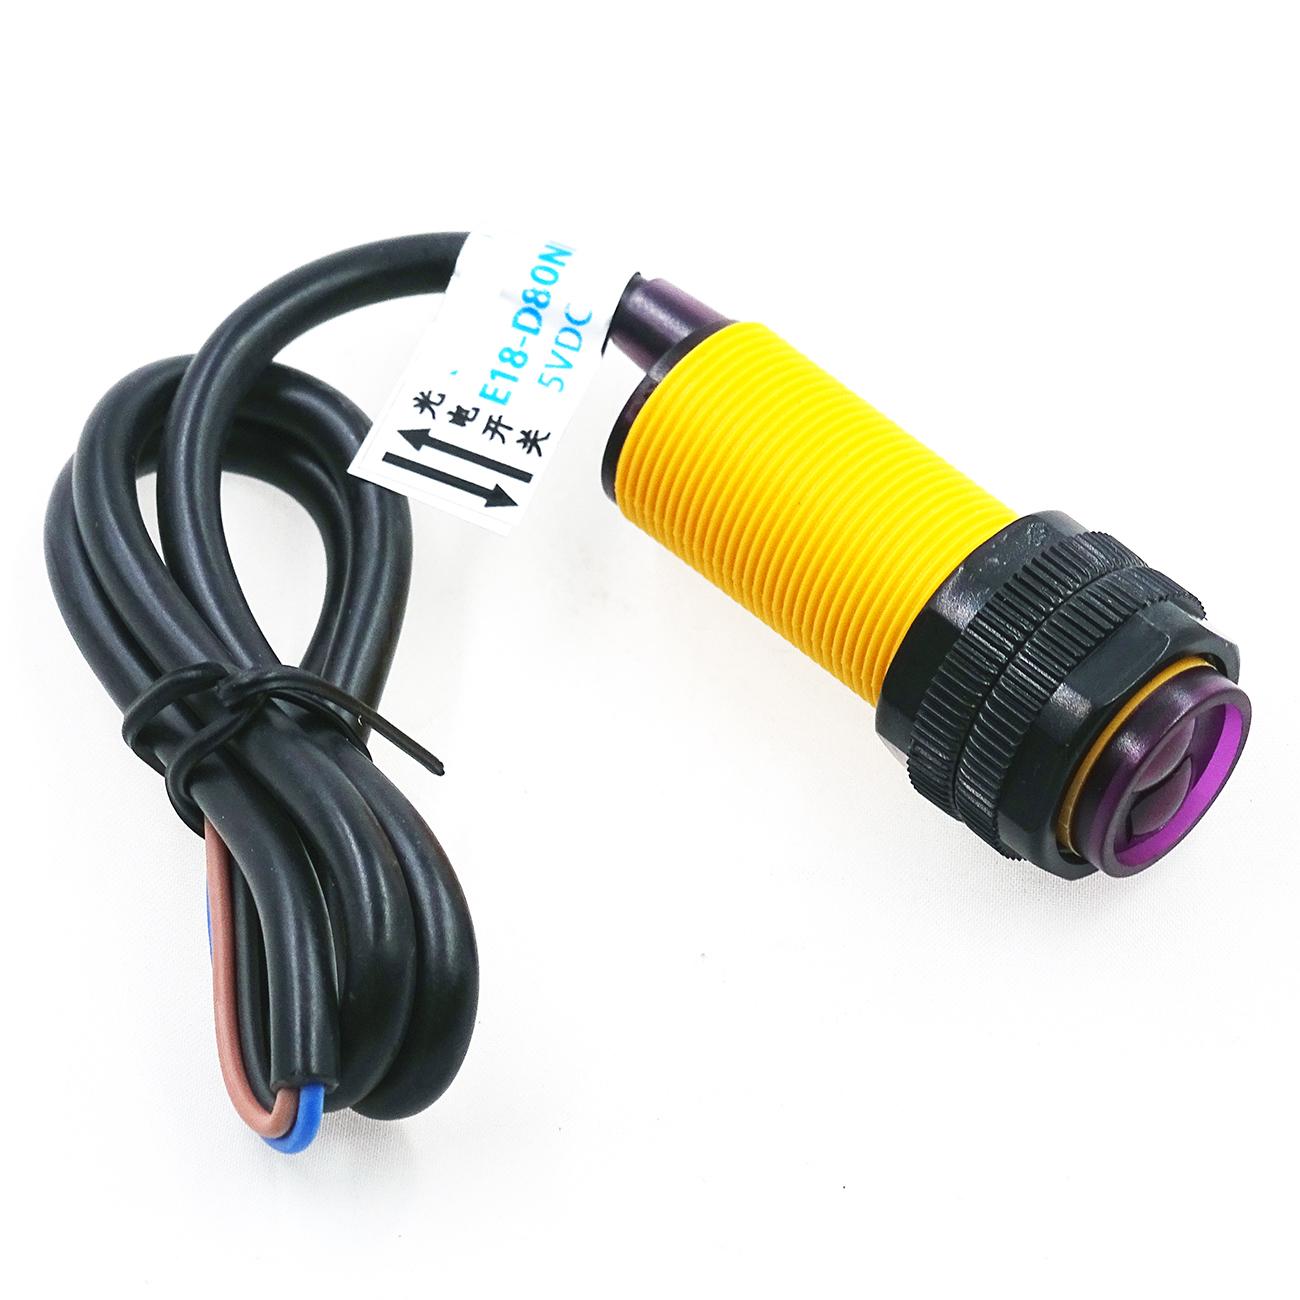 เซ็นเซอร์ตรวจจับวัตถุ Infrared photoelectric switch Sensor E18-D80NK